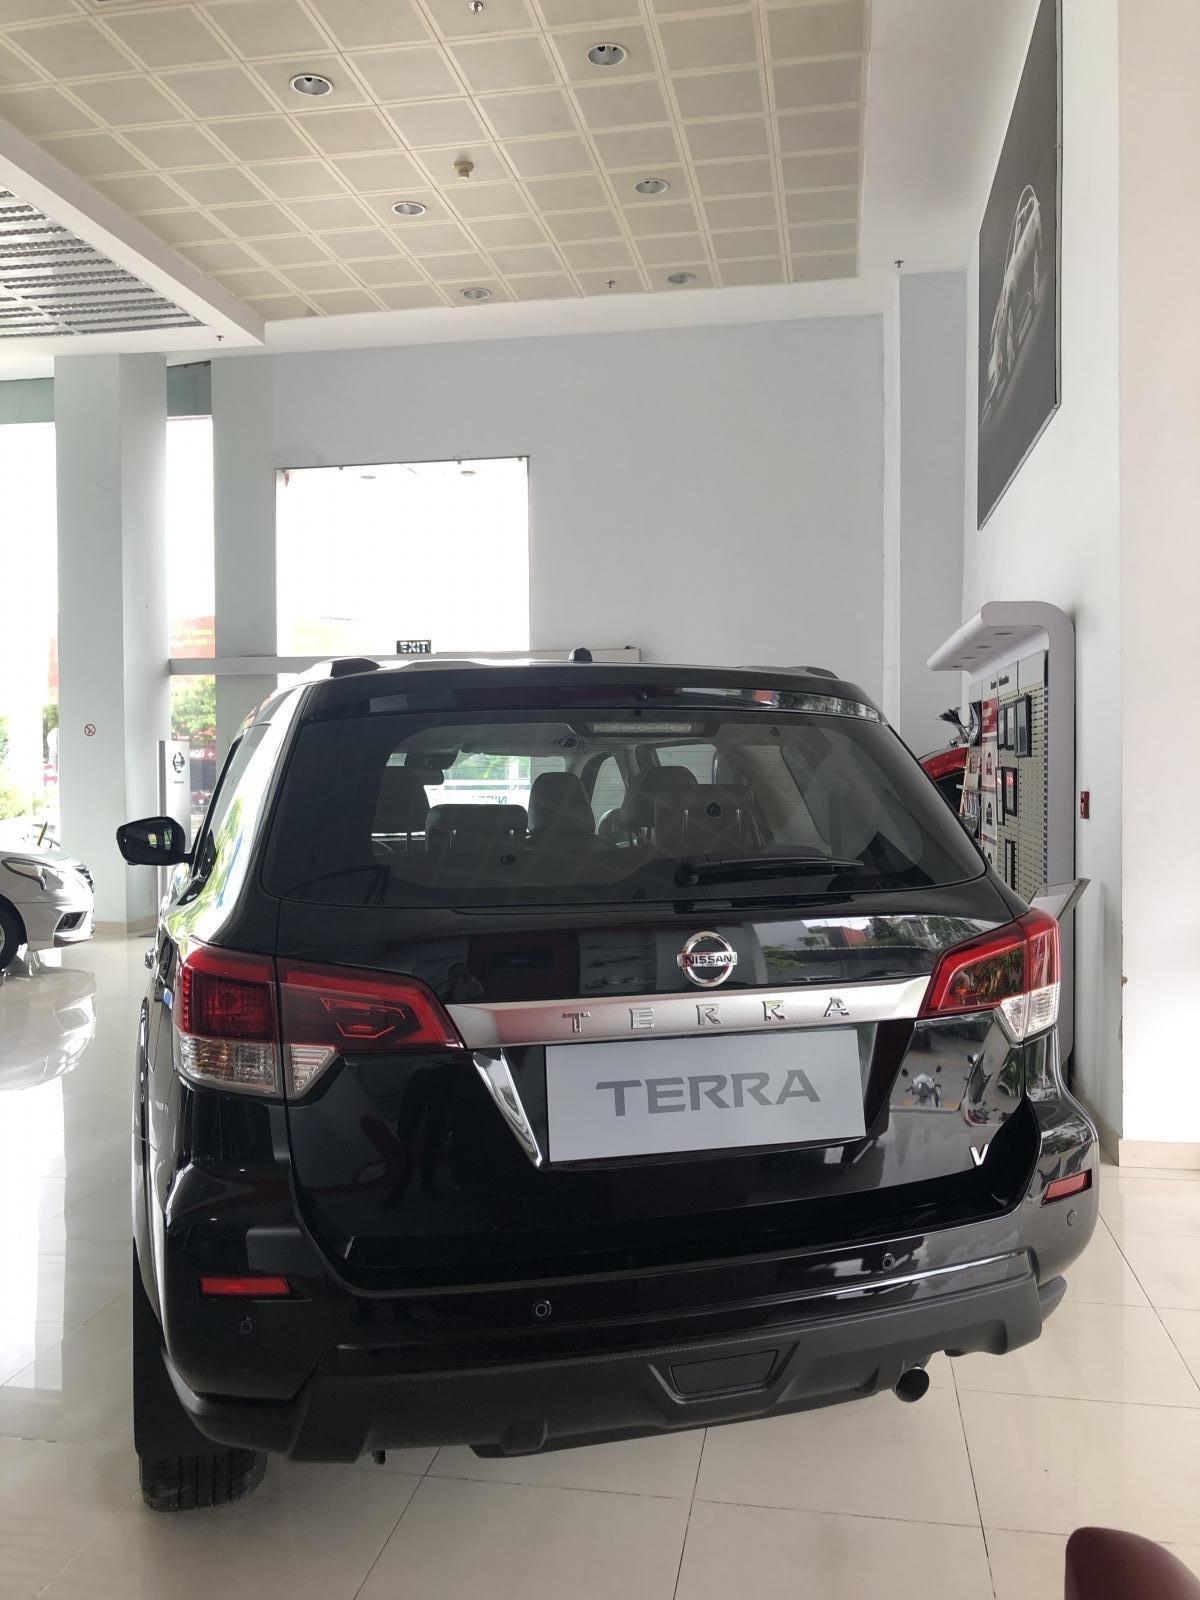 Cần bán Nissan Terra V 2.5 AT 4 WD sản xuất 2019, tặng BHVC thân xe, CTKM hấp dẫn, giao xe ngày, LH 0938 357 929-2